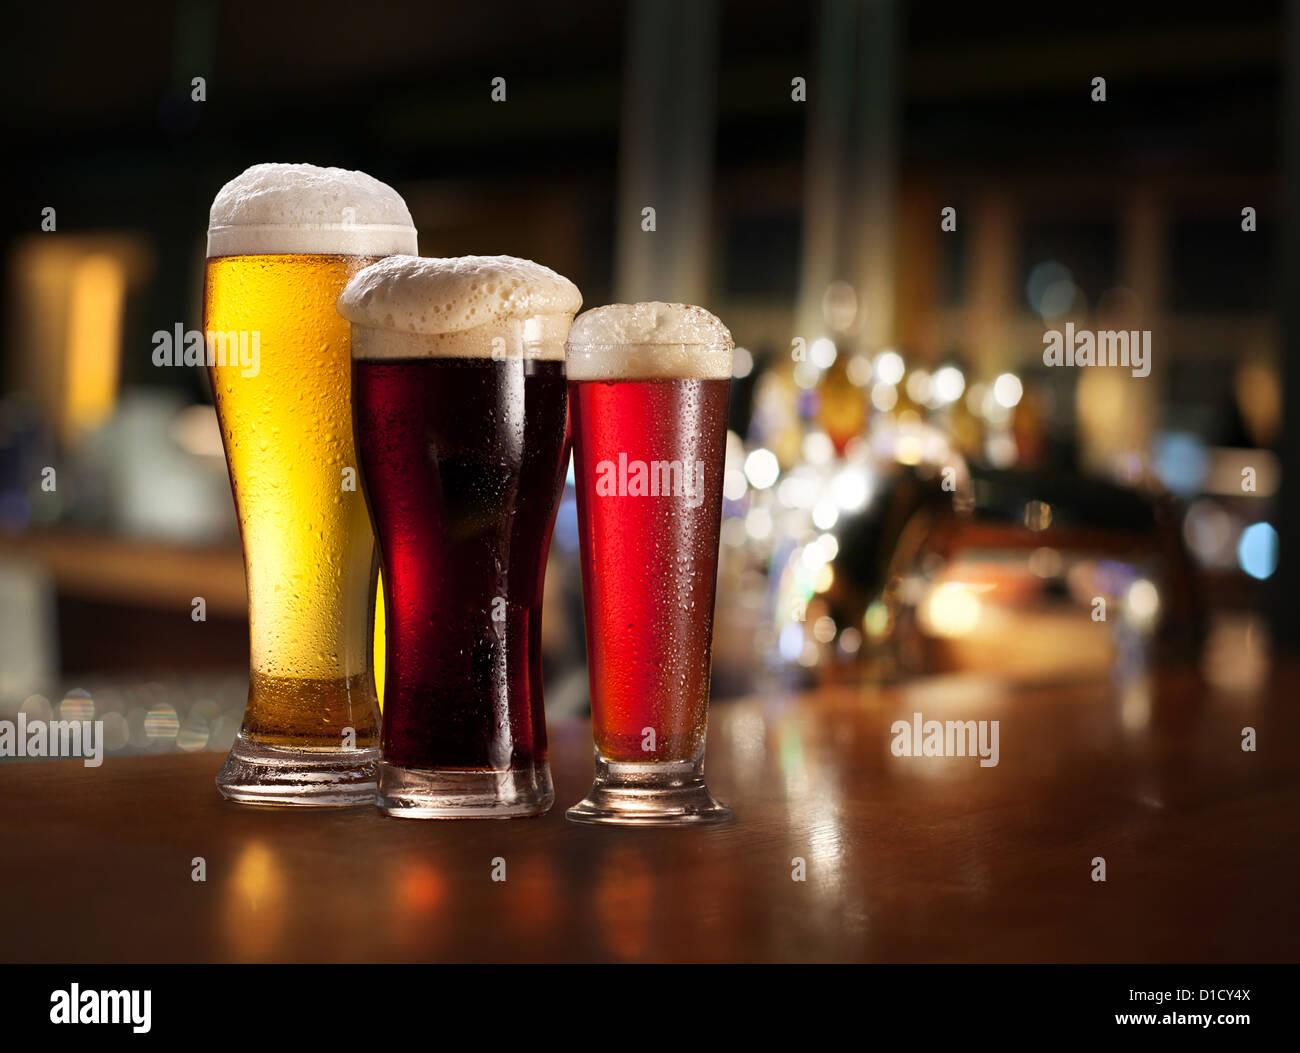 Helles und dunkles Bier auf einem Pub Hintergrund Gläser. Stockbild